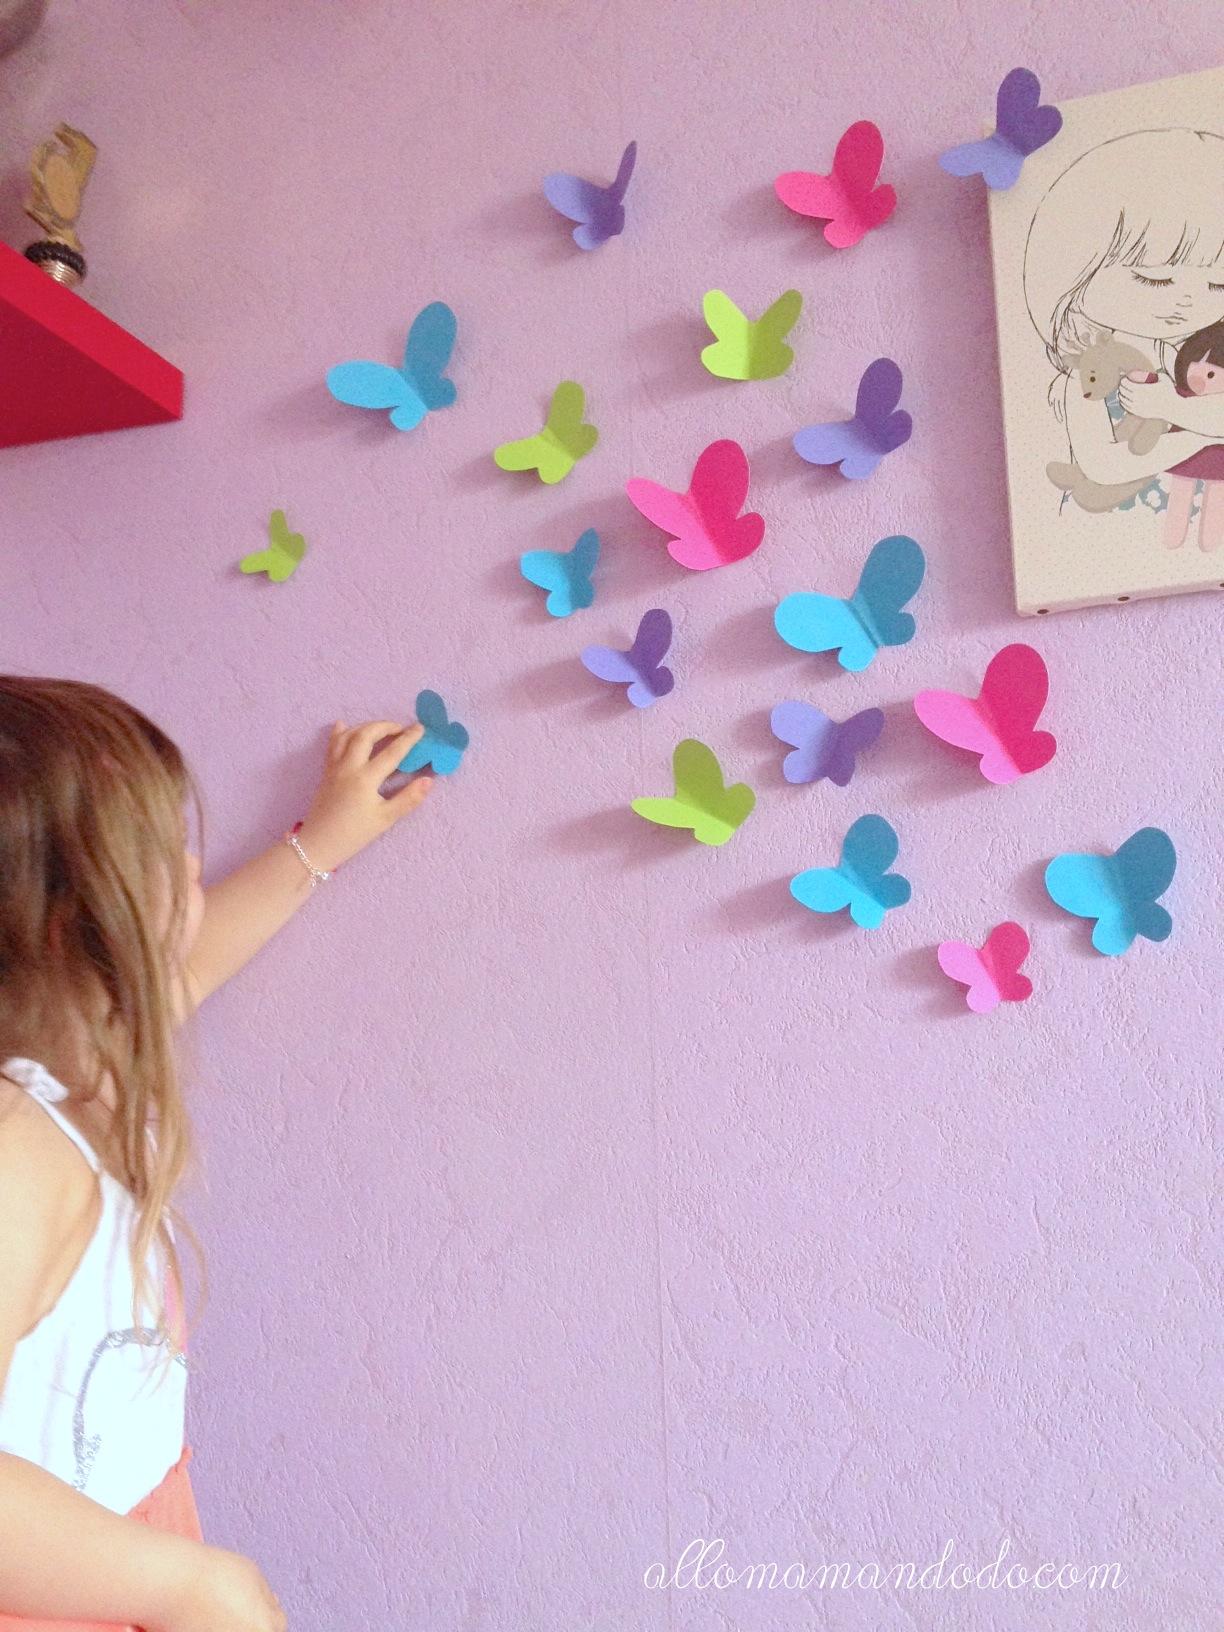 diy envol e de papillons en papier activit pour enfants d co murale allo maman dodo. Black Bedroom Furniture Sets. Home Design Ideas